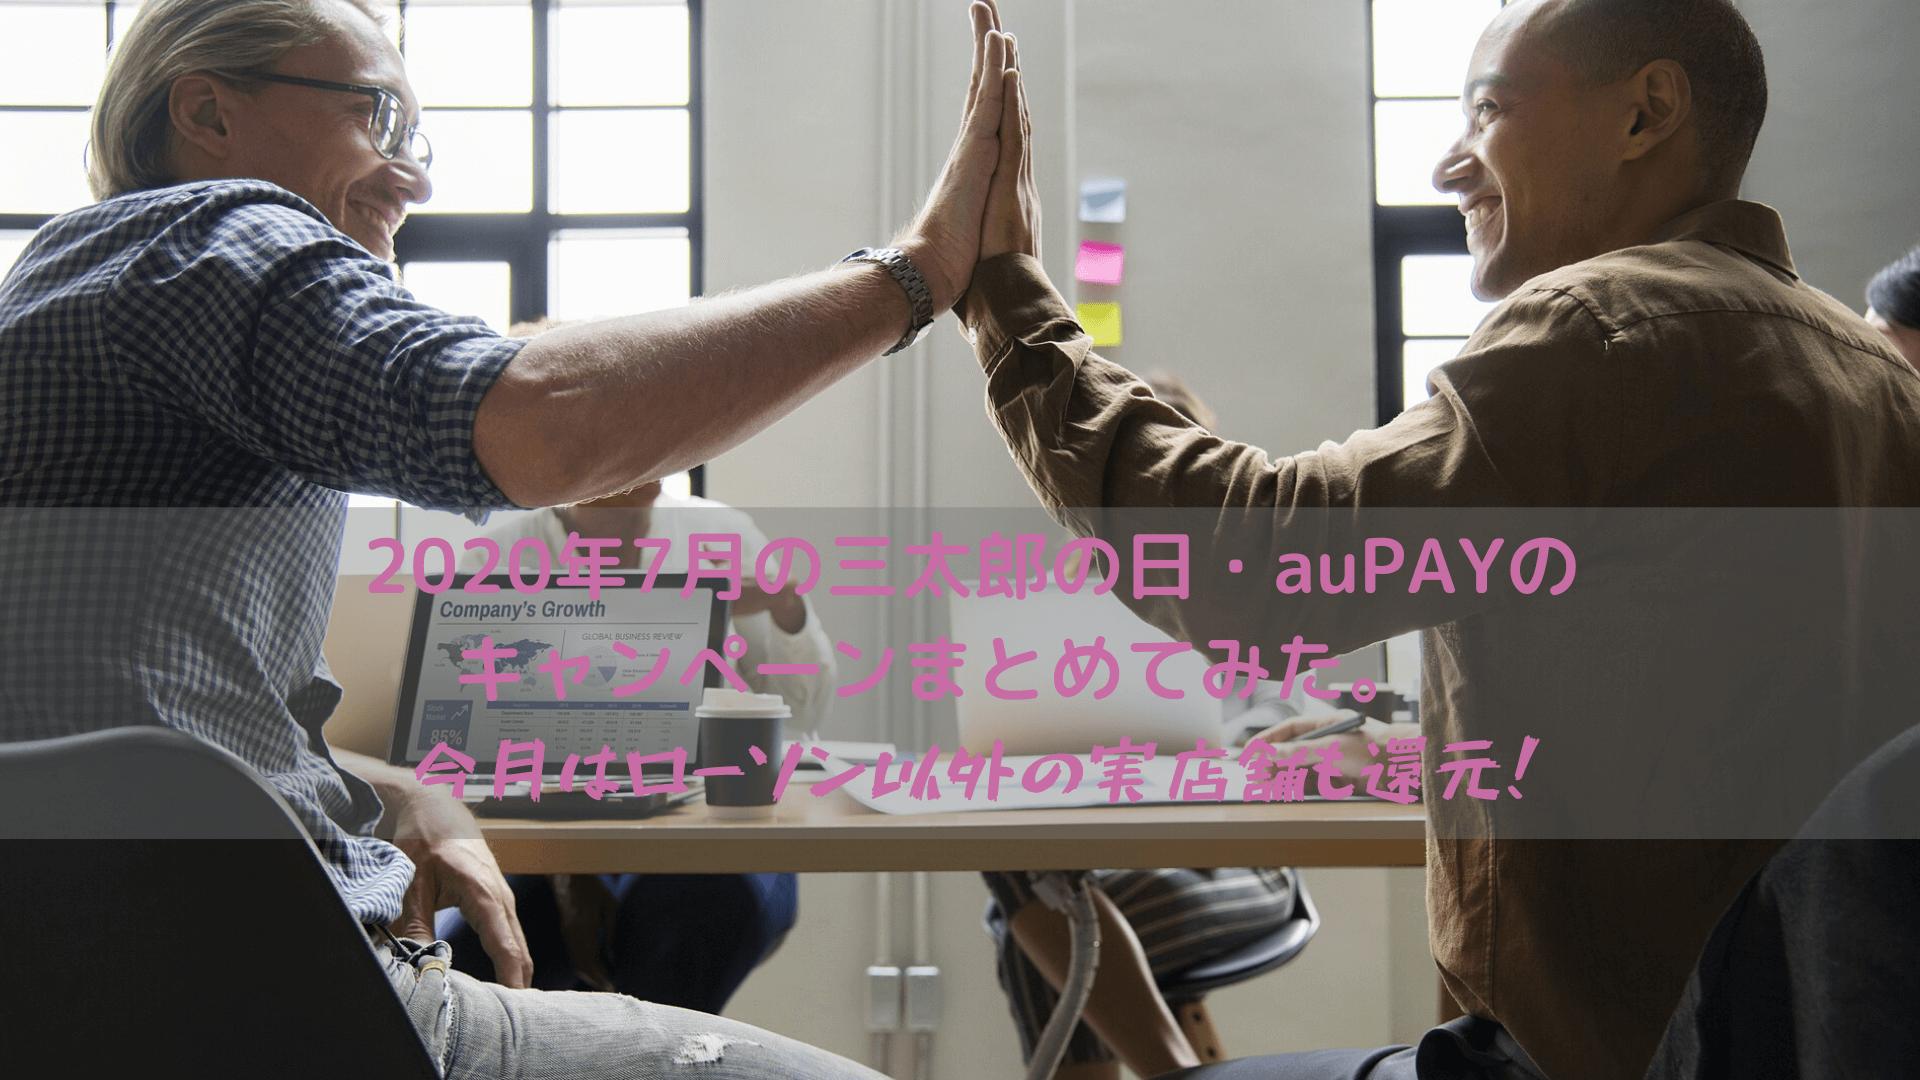 2020年7月の三太郎の日・auPAYのキャンペーンまとめてみた。※今月はローソン以外の実店舗も還元!